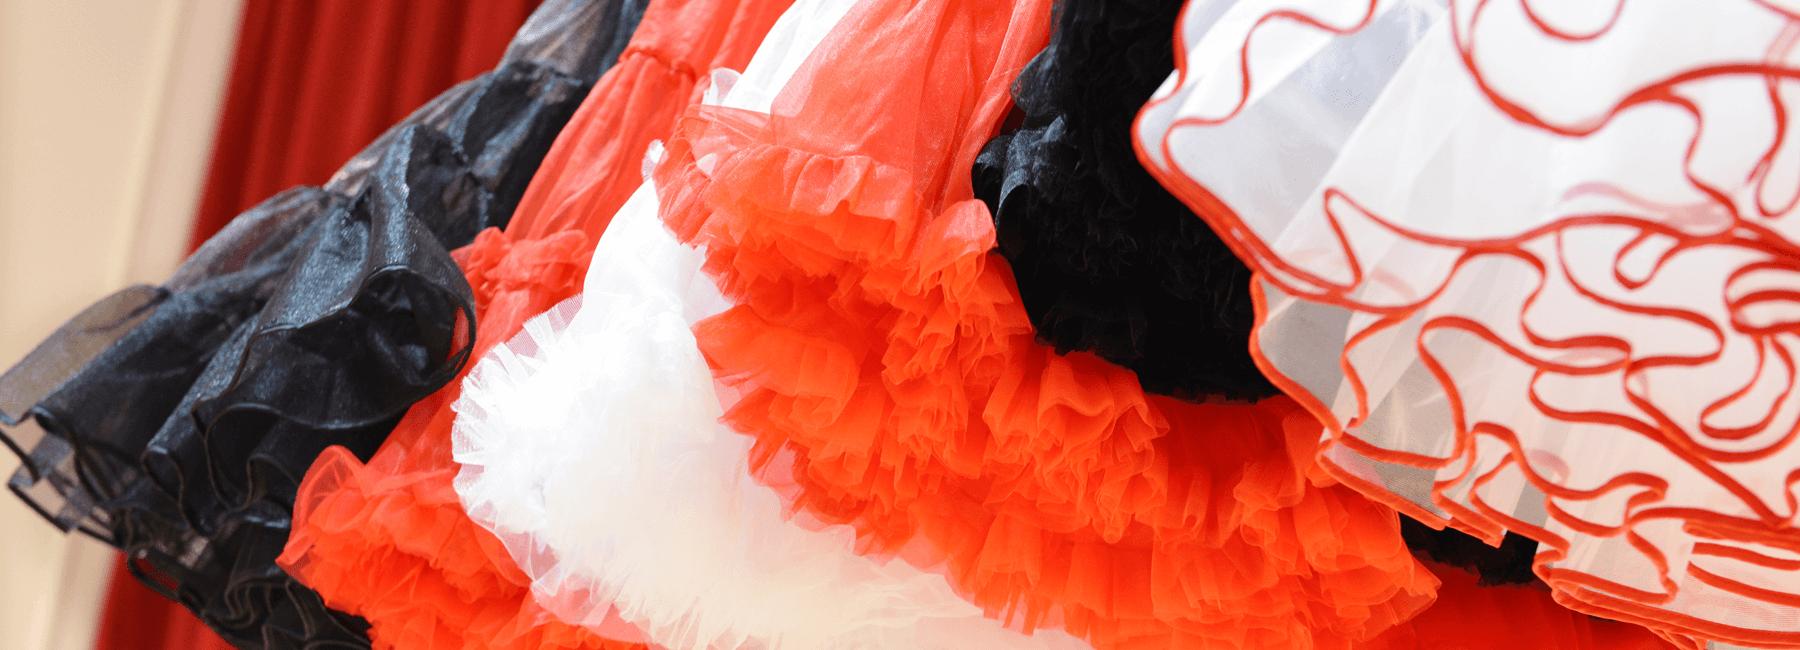 Wer an die Mode der 50er Jahre denkt, hat eines sofort im Sinn: Petticoats! Tatsächlich macht erst ein dank Petticoat frech wippender Rock den authentischen Rockabilly-Stil perfekt. Bei uns kaufen Sie online hochwertige Petticoats zu jedem Rock oder Kleid